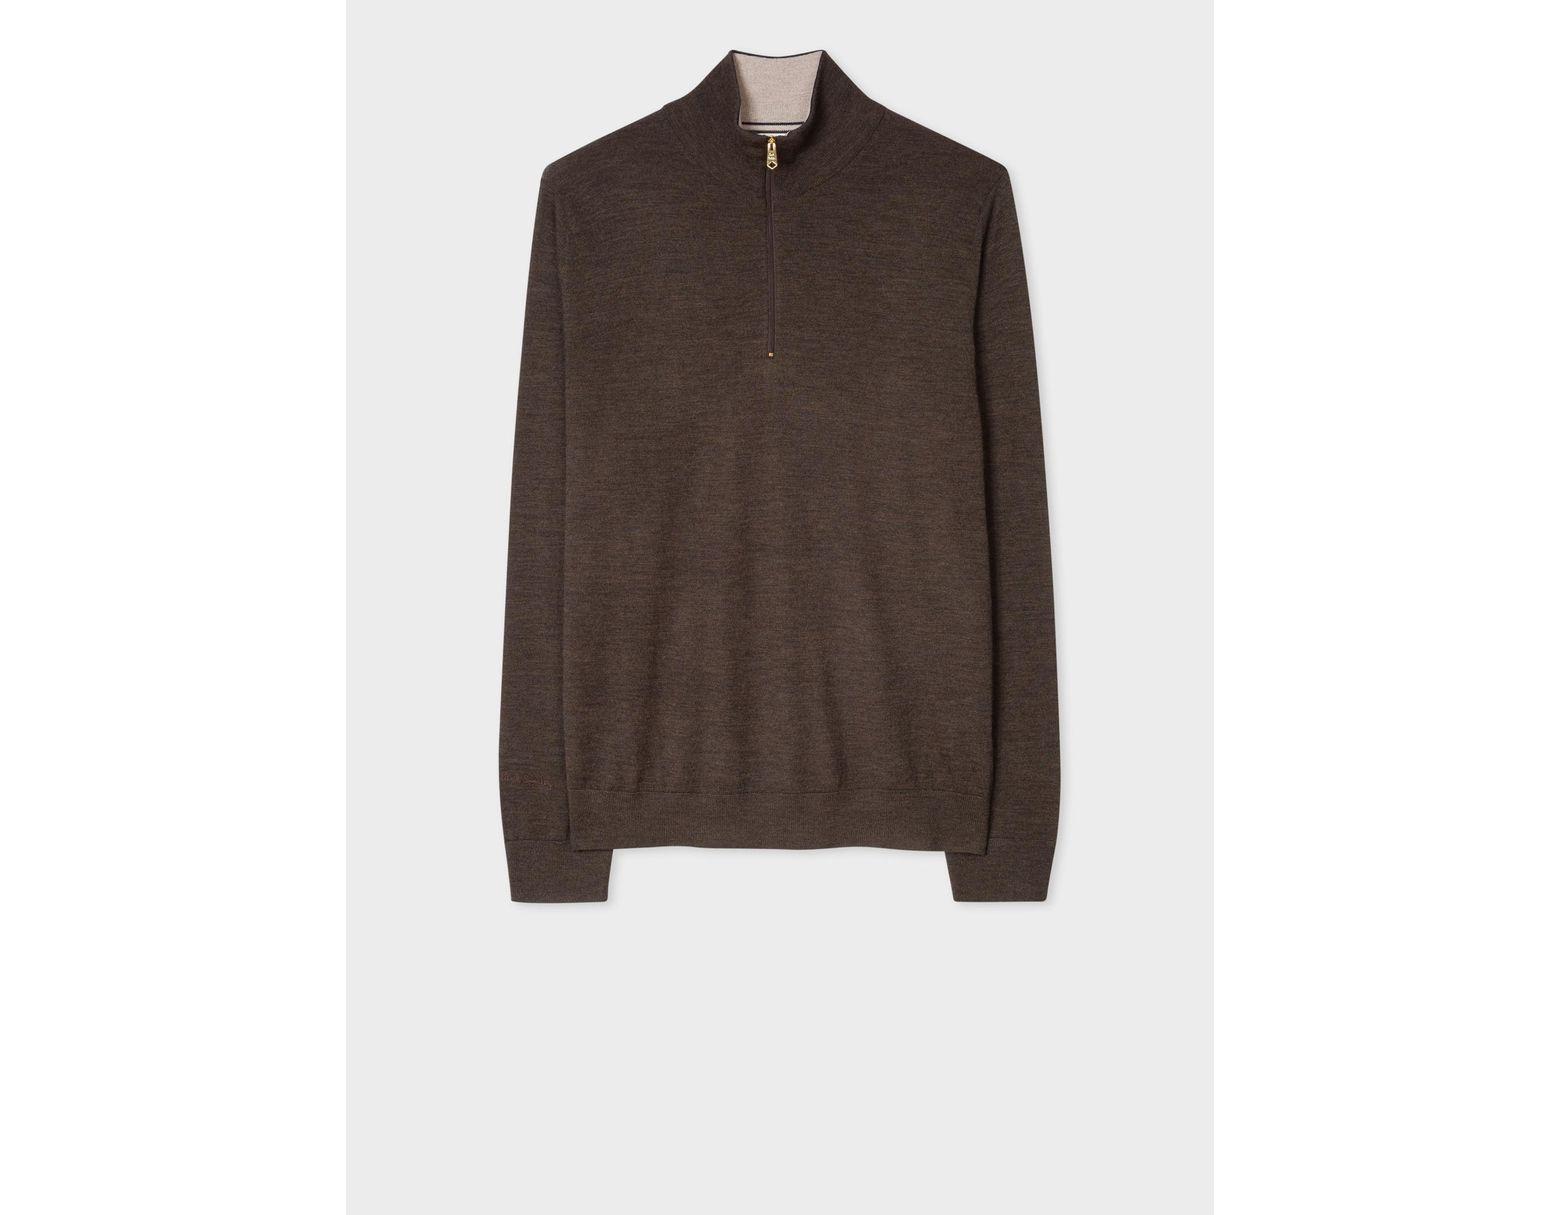 a73f11abdaa Lyst - Paul Smith Hazelnut Funnel Neck Merino Wool Half-zip Sweater ...